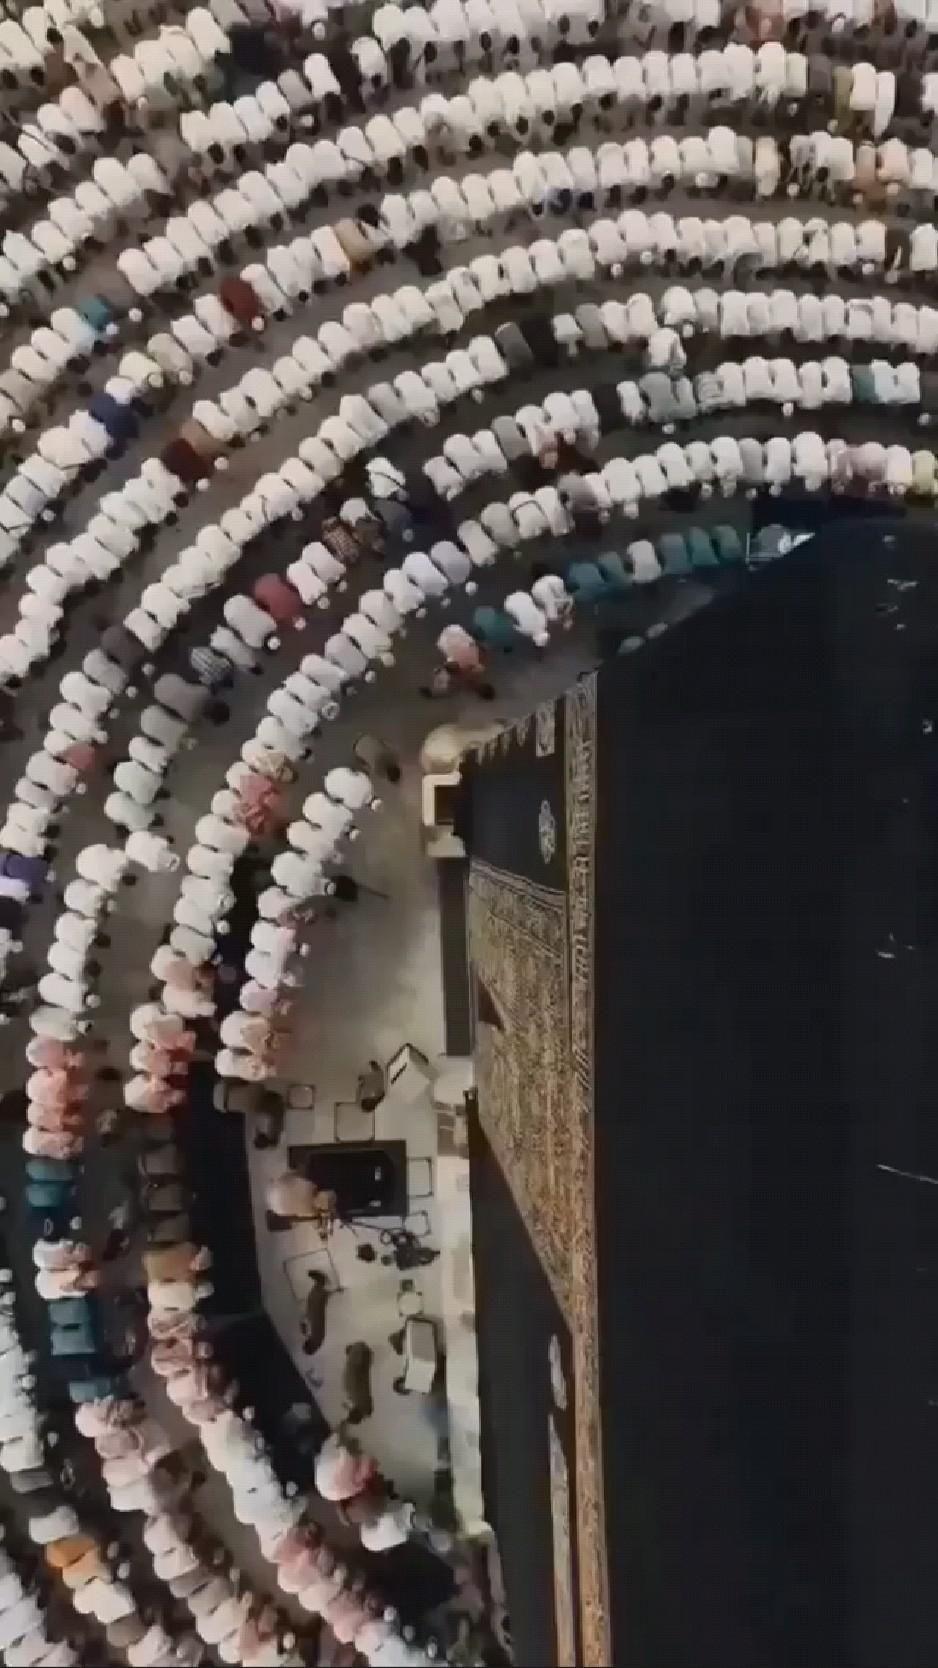 Masjid Al Haram Makkah Saudi Arabia